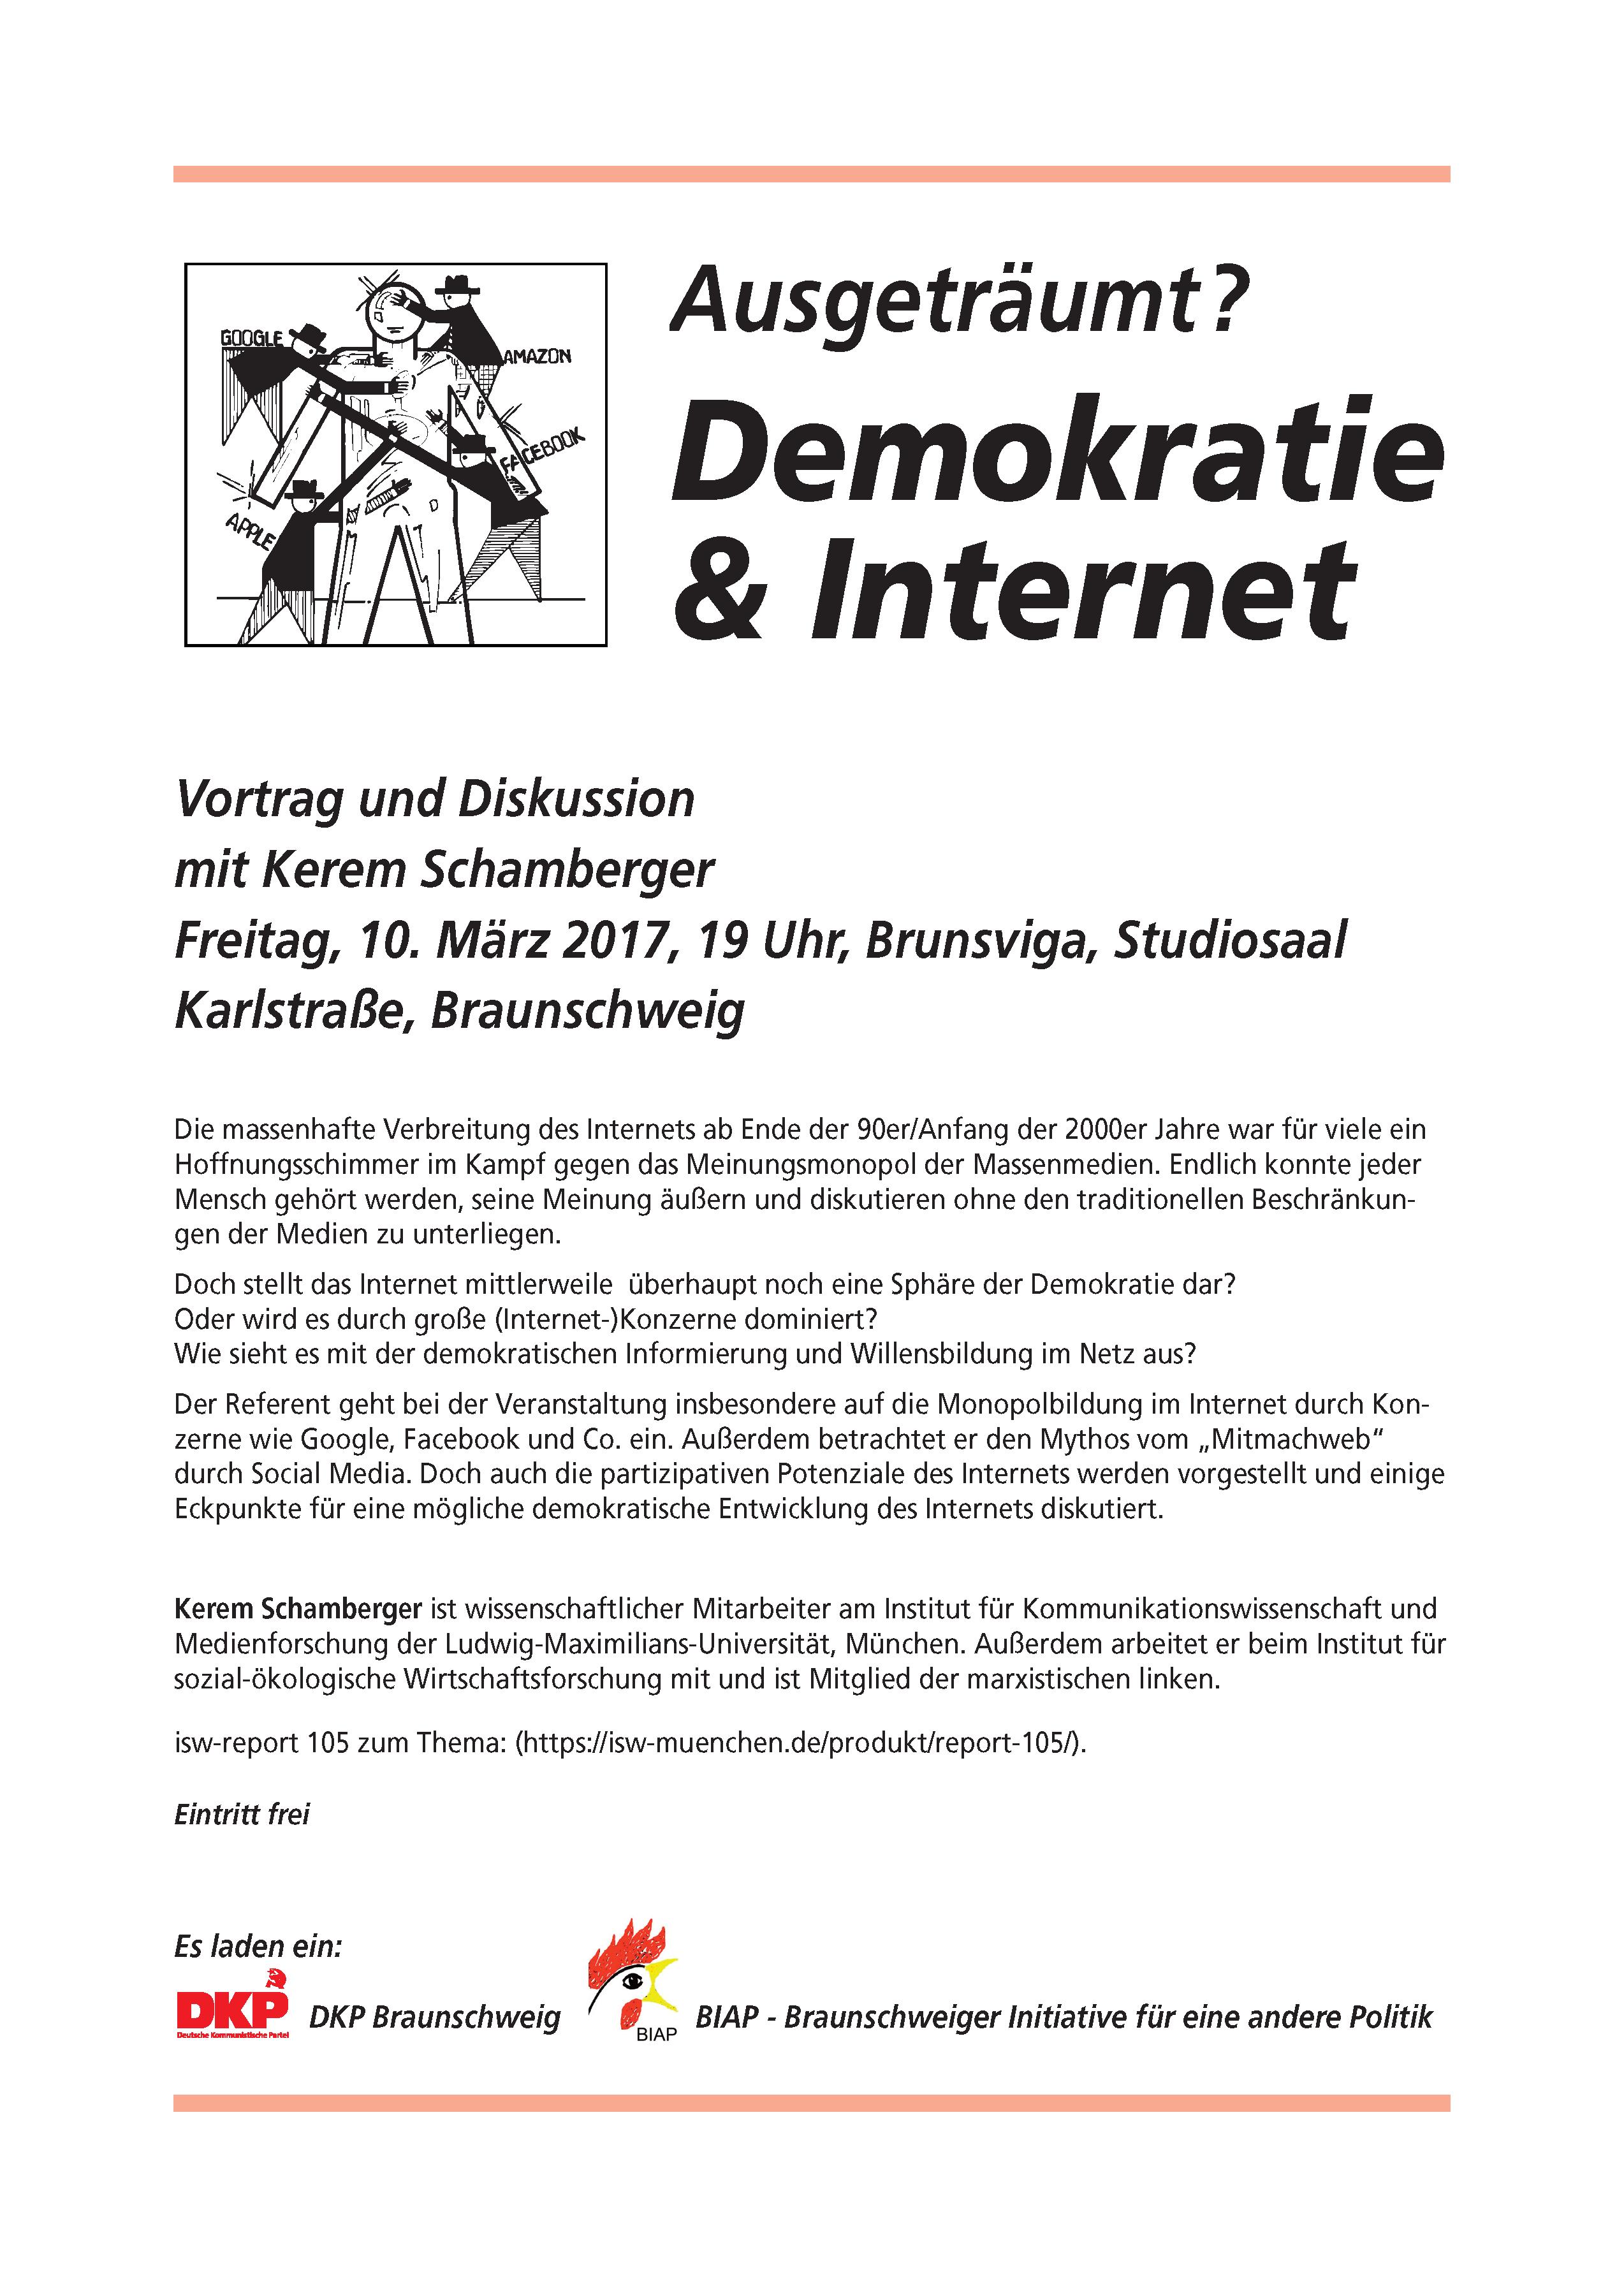 Internet und Demokratie